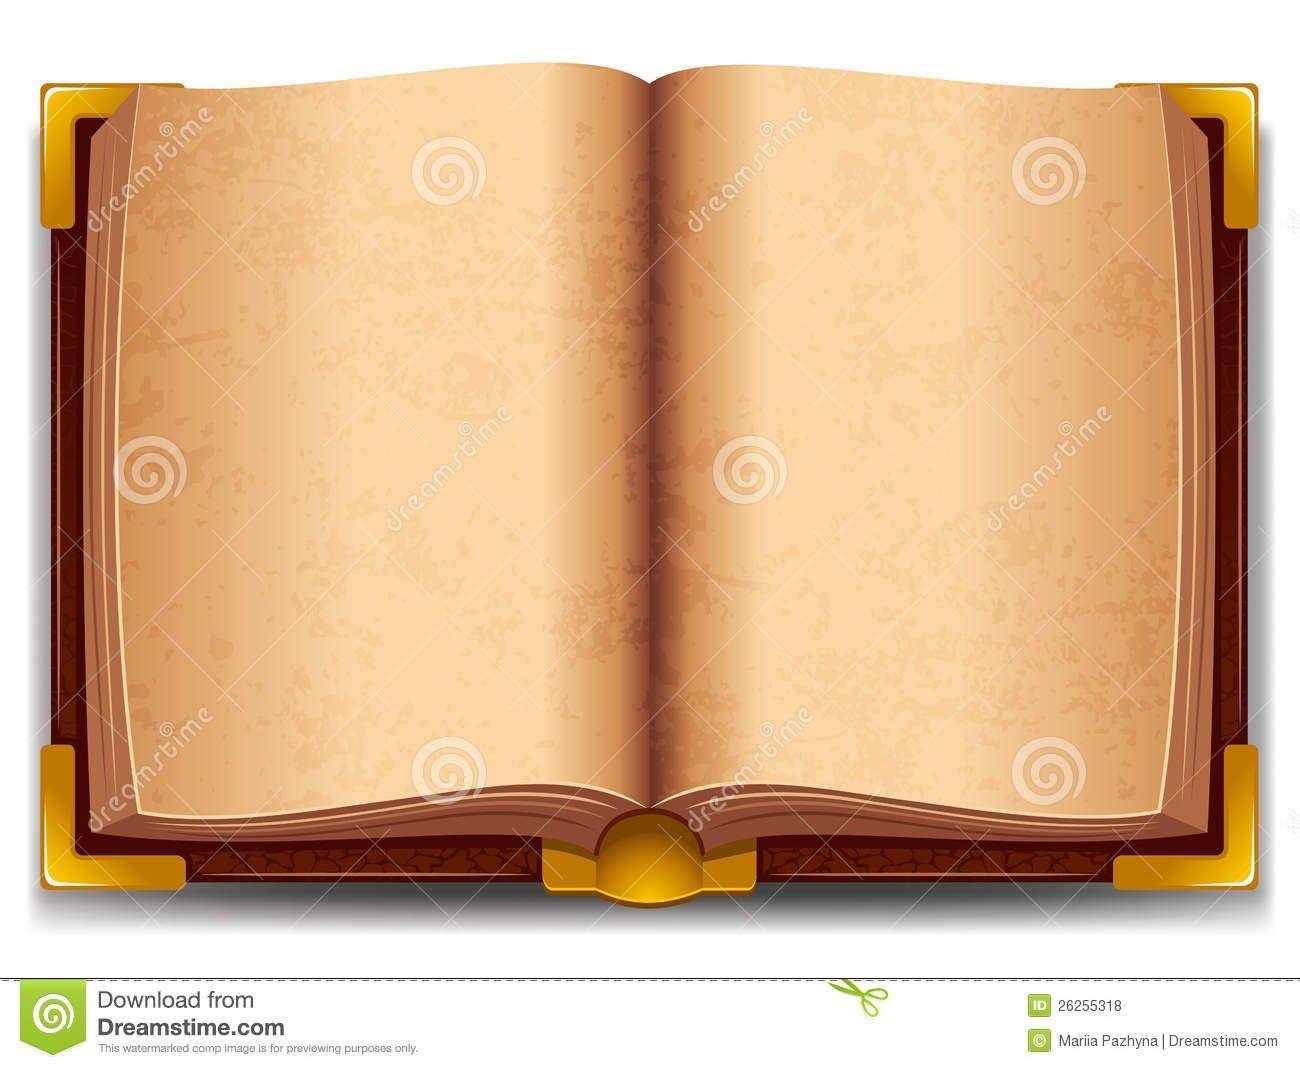 Рисунок раскрытой книги скачать